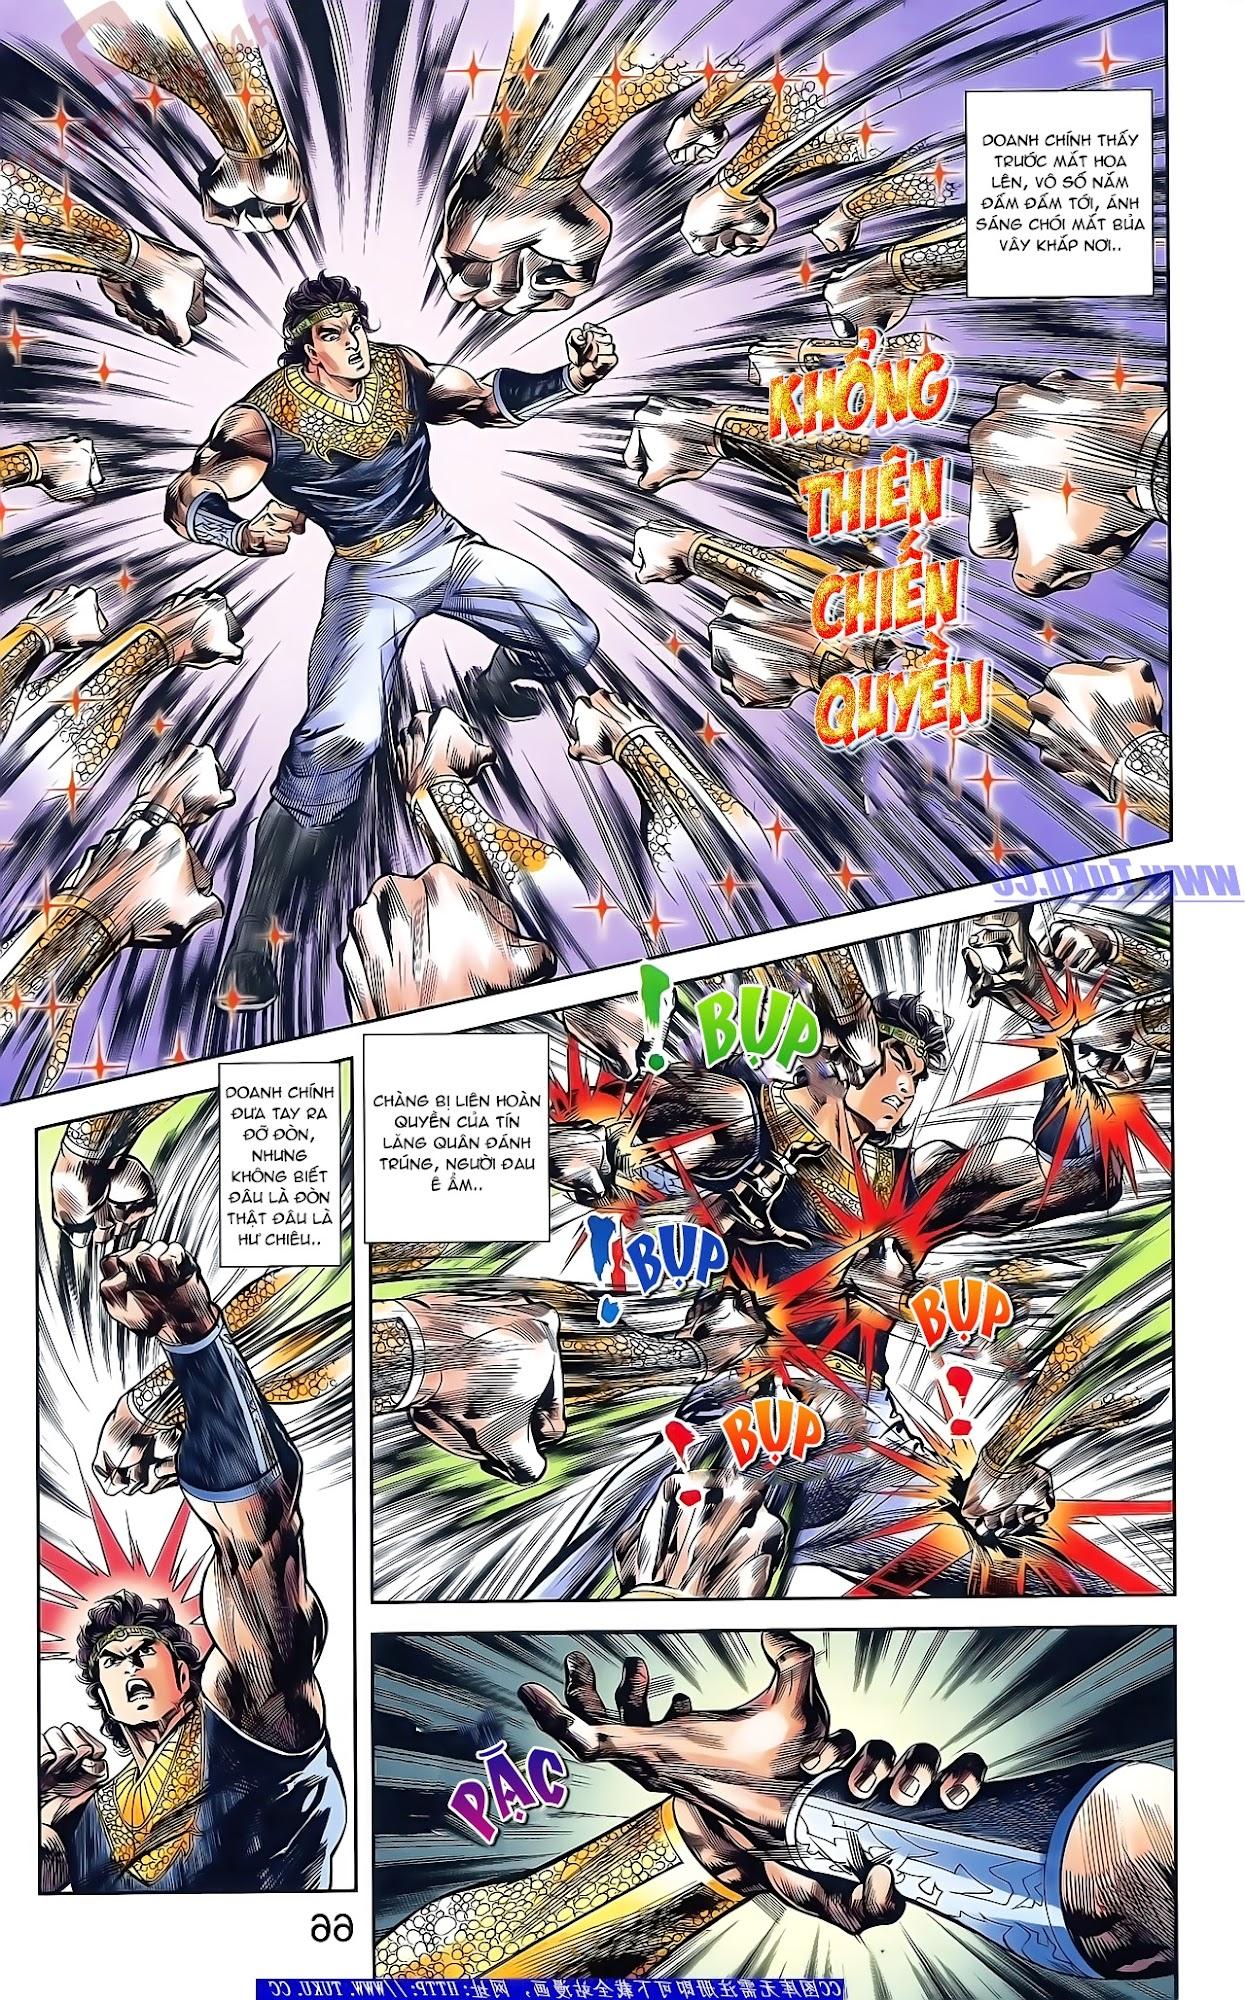 Tần Vương Doanh Chính chapter 49 trang 20